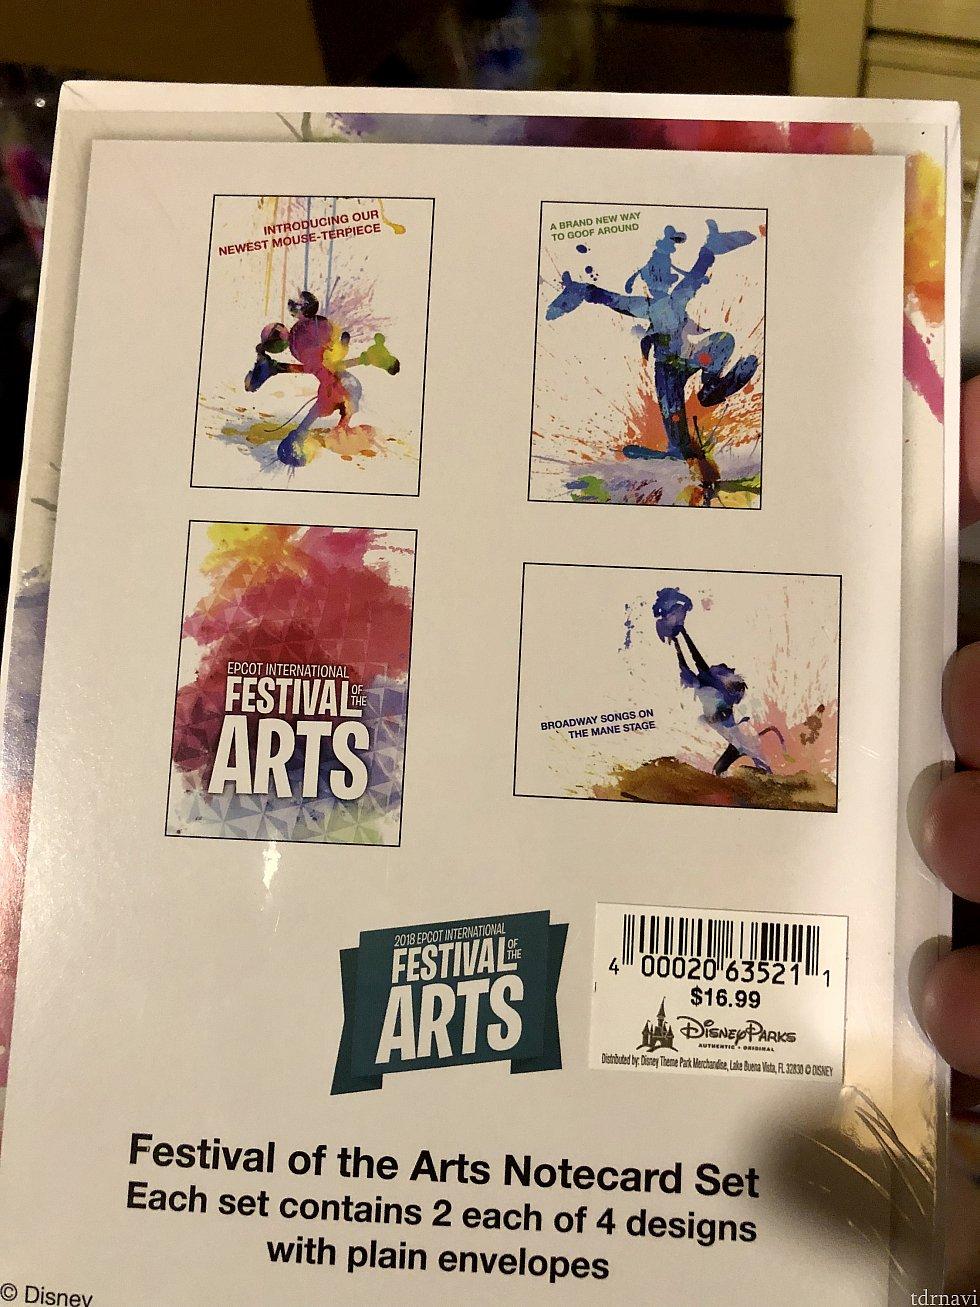 ミッキー、グーフィー、イベントロゴ、ライオンキングの4種類のカードが2枚ずつ入って$16.99